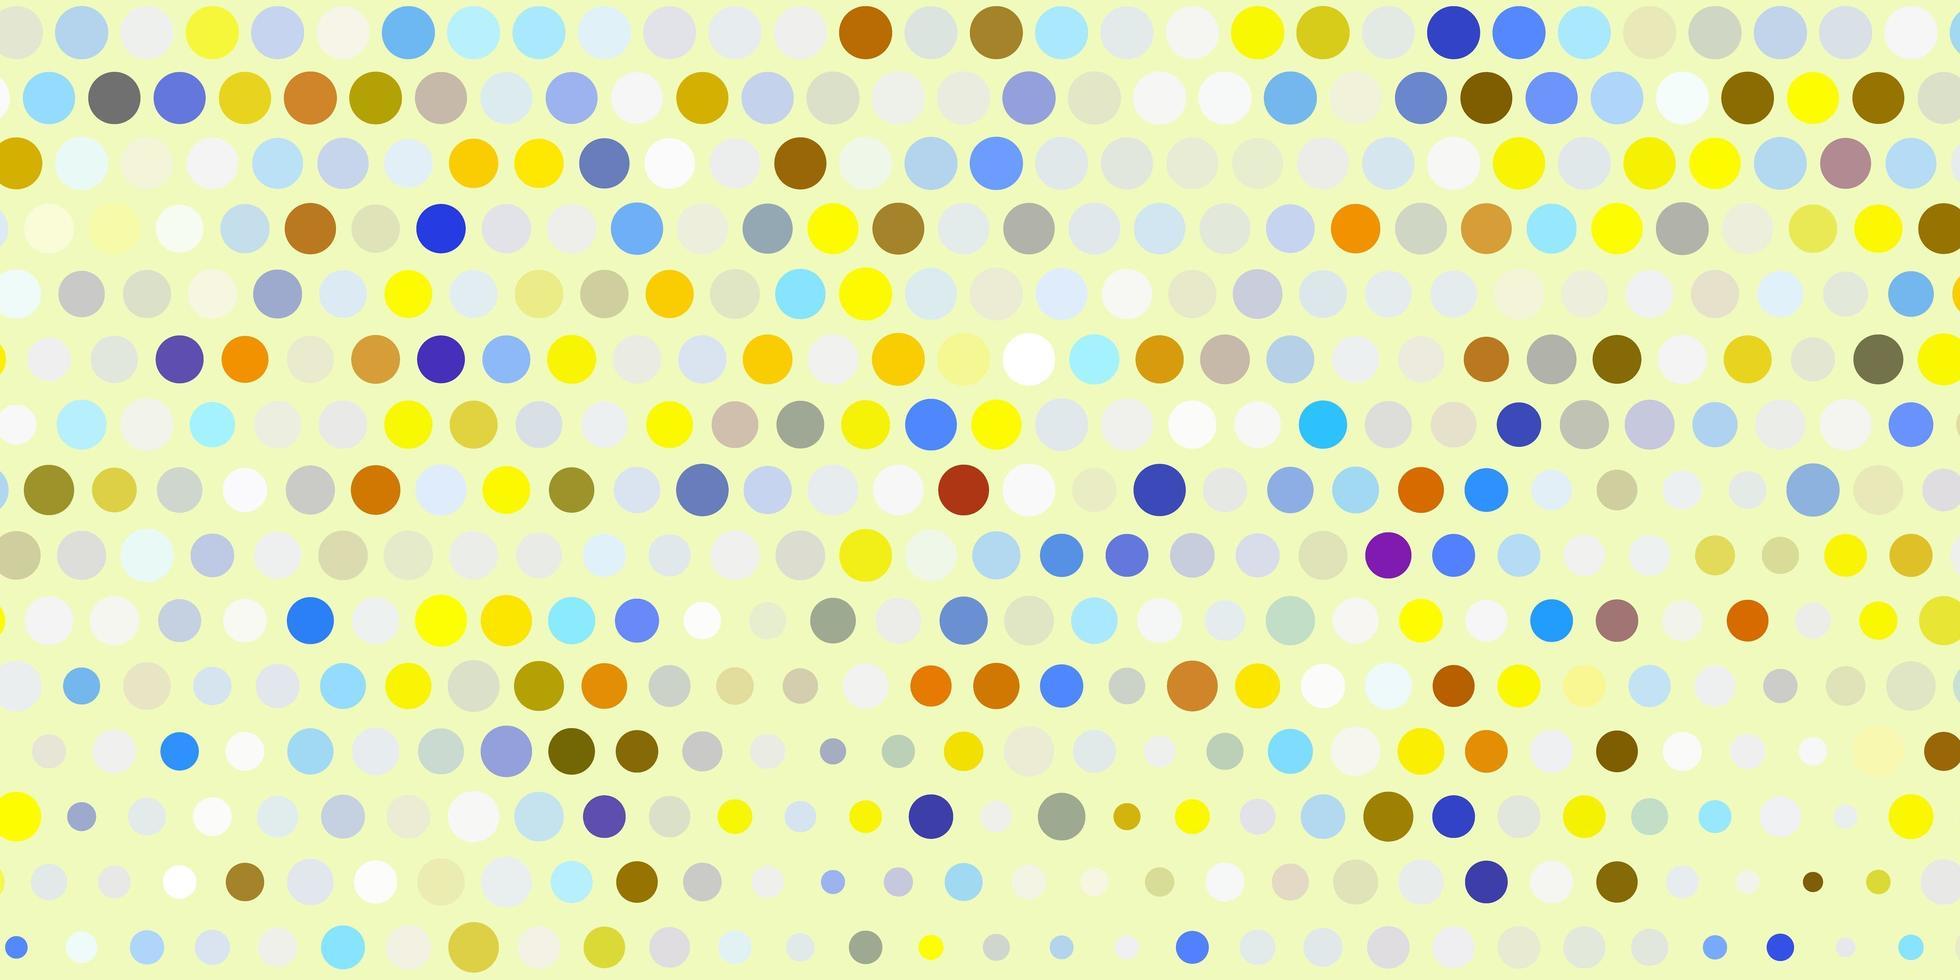 fundo vector azul e amarelo claro com bolhas.